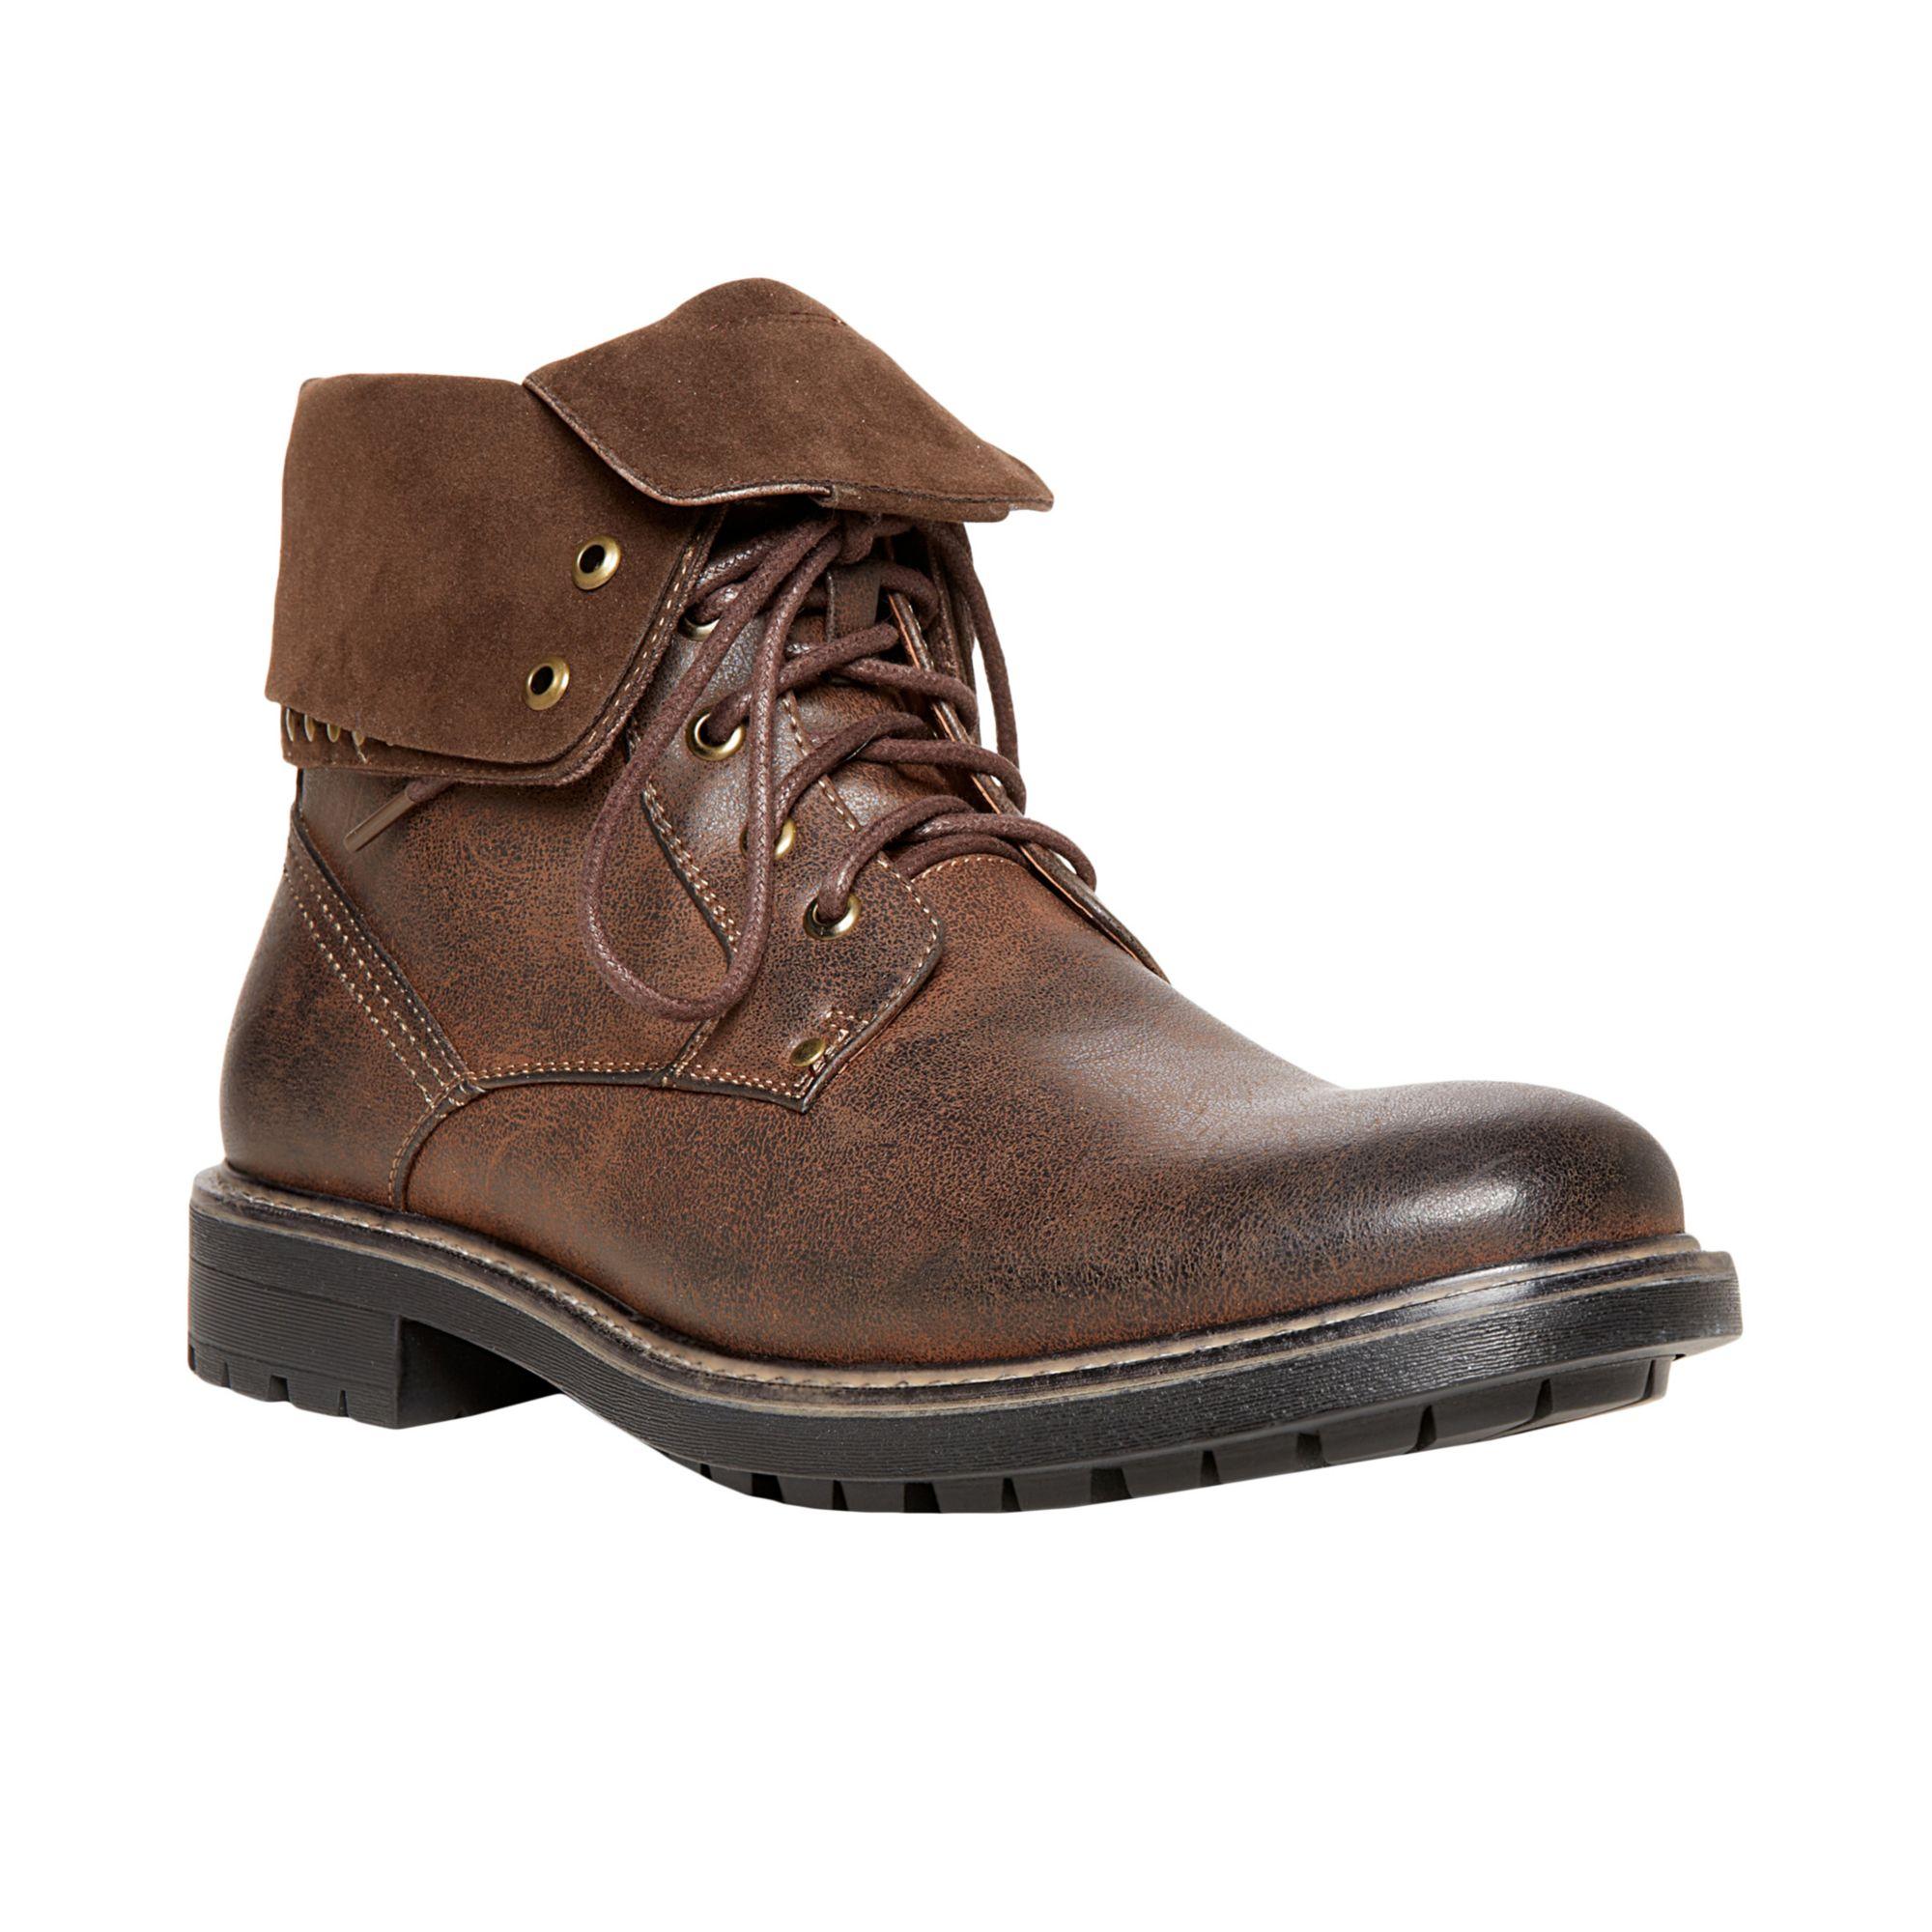 steve madden madden mens shoes mylow boots in brown for men dark brown lyst. Black Bedroom Furniture Sets. Home Design Ideas